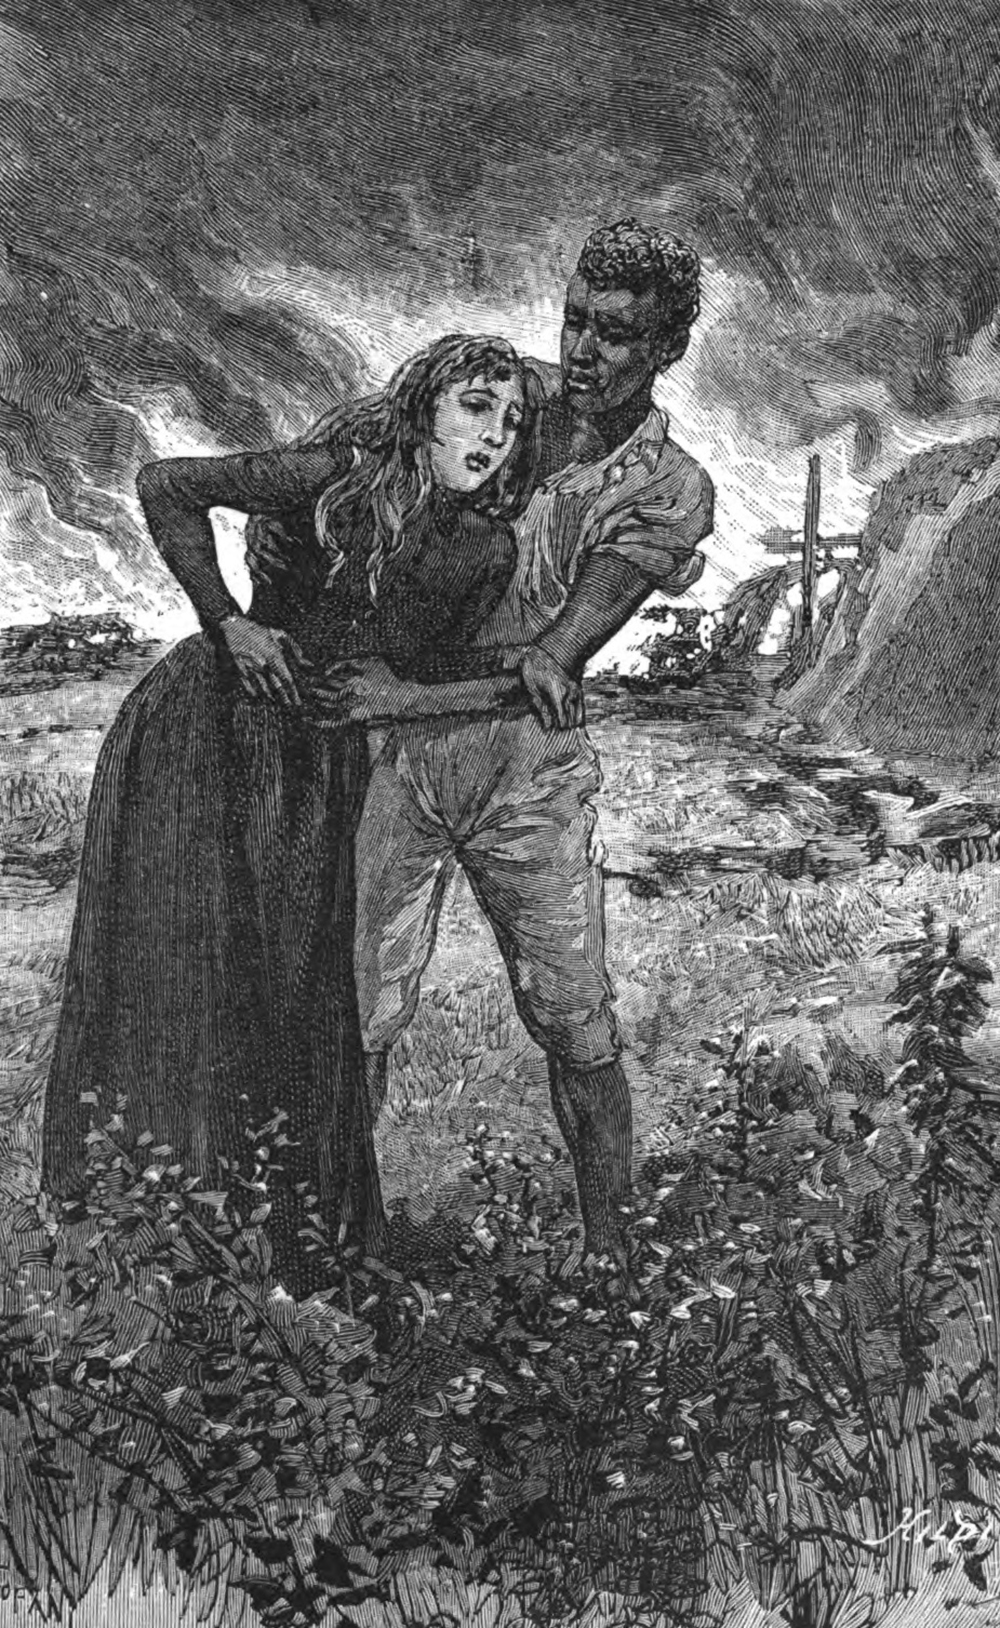 Illustration from Thérèse à Saint-Domingue, by Armand Fresneau, 1888.